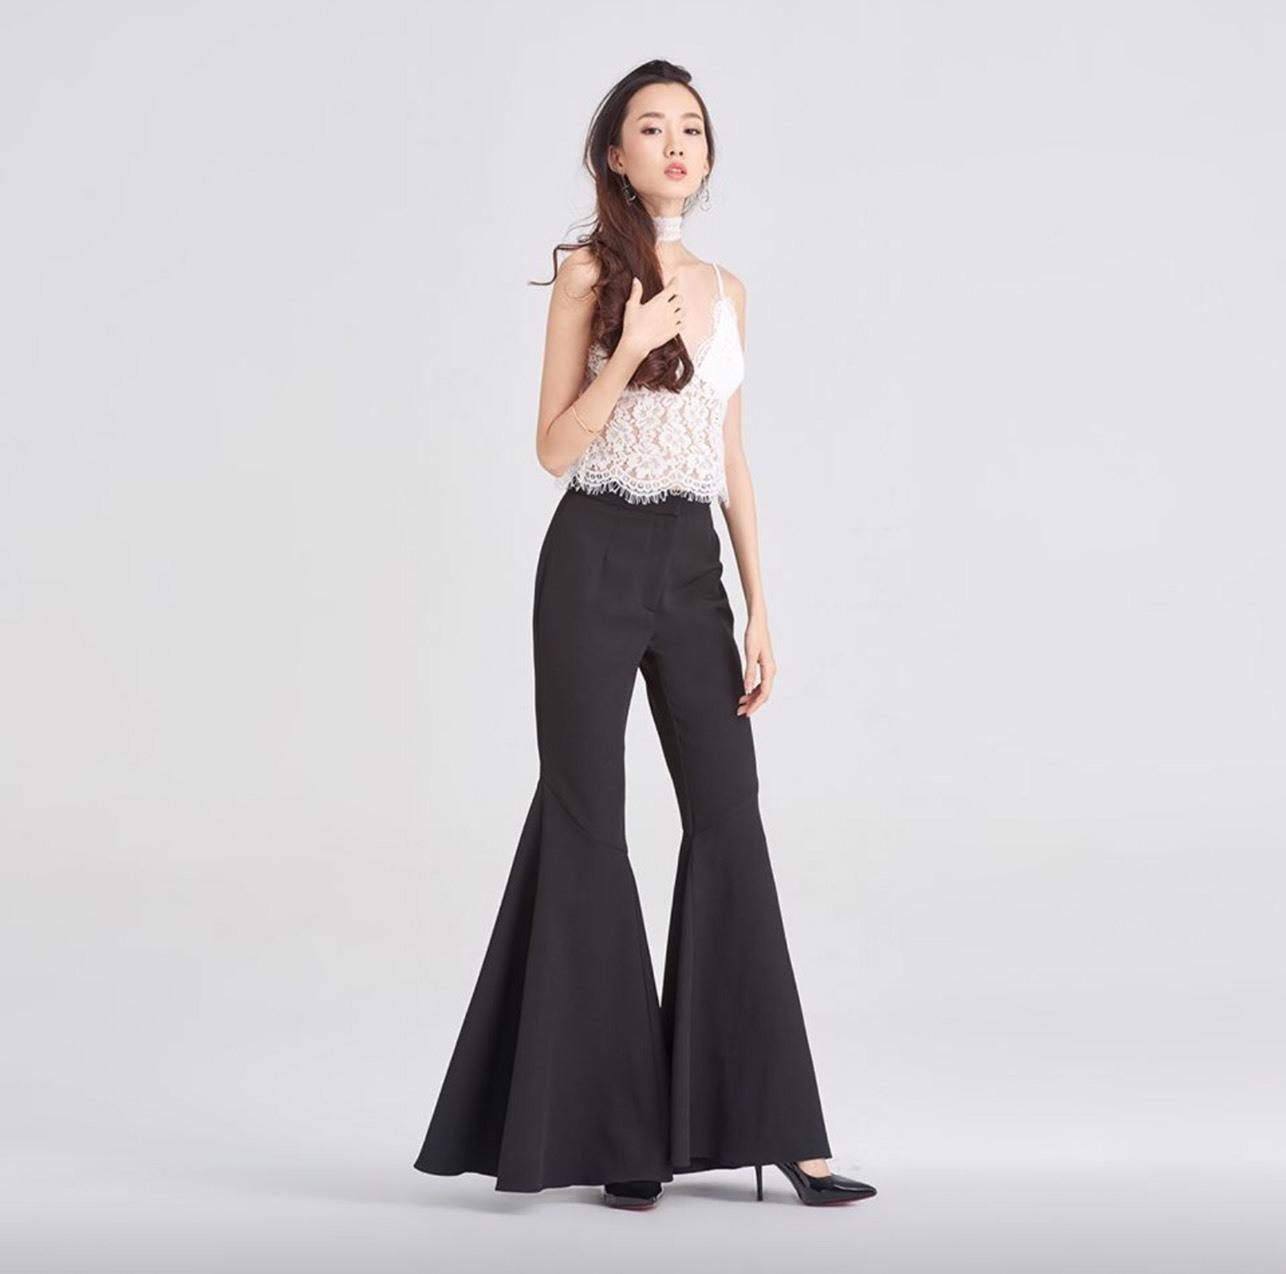 เสื้อผ้าแฟชั่นพร้อมส่ง เปลี่ยนลุคแซ่บ กับกางเกงขายาวปลายขากระดิ่ง